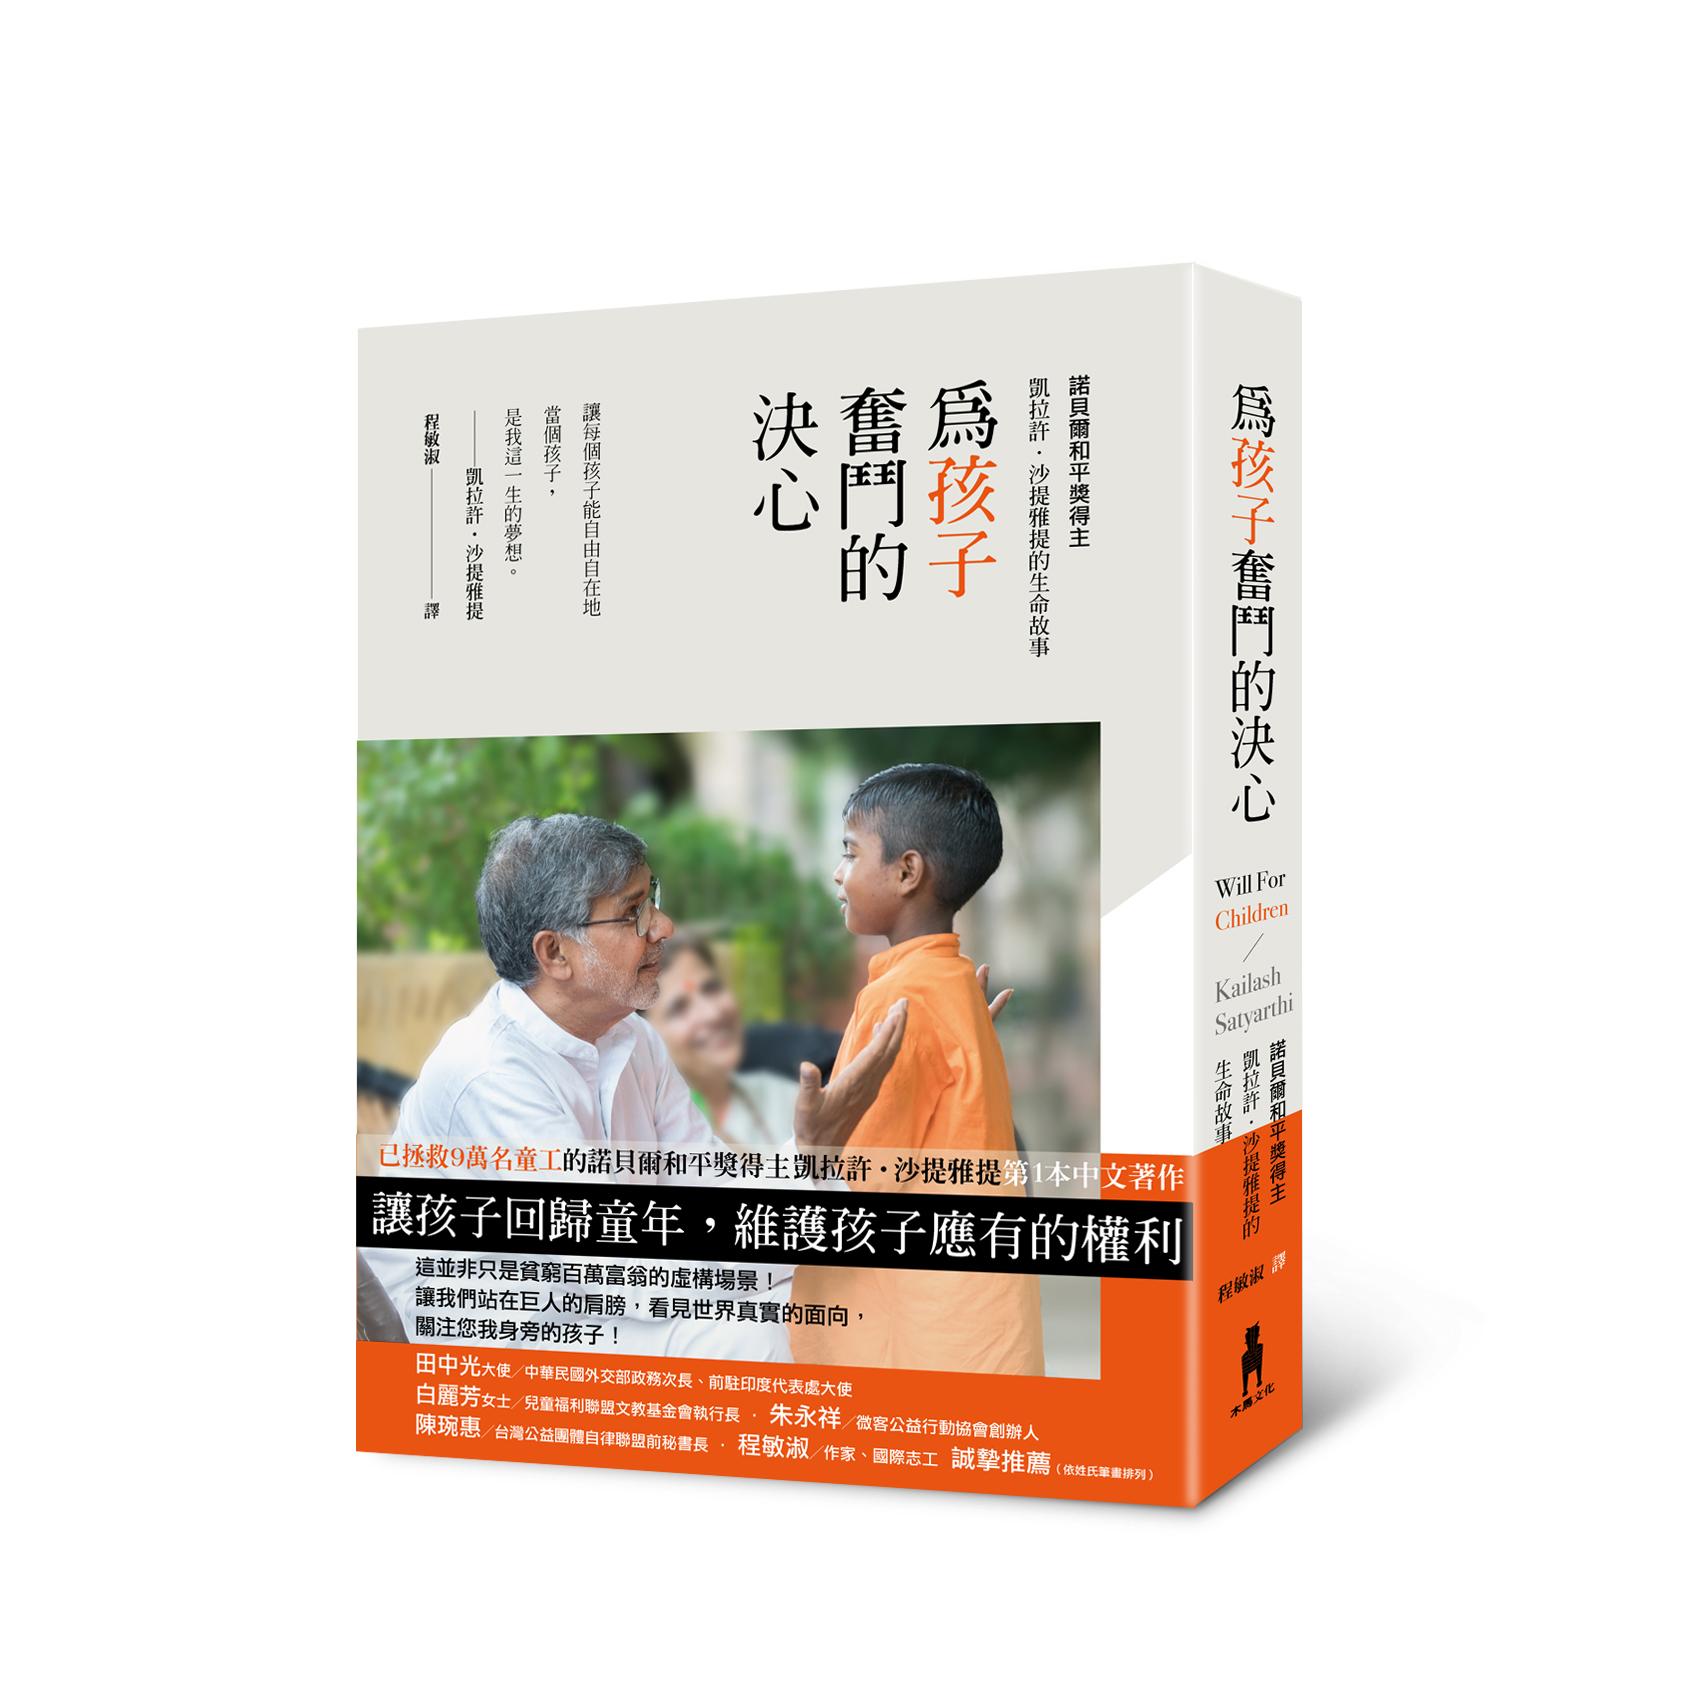 為孩子奮鬥的決心:諾貝爾和平獎得主凱拉許.沙提雅提的生命故事